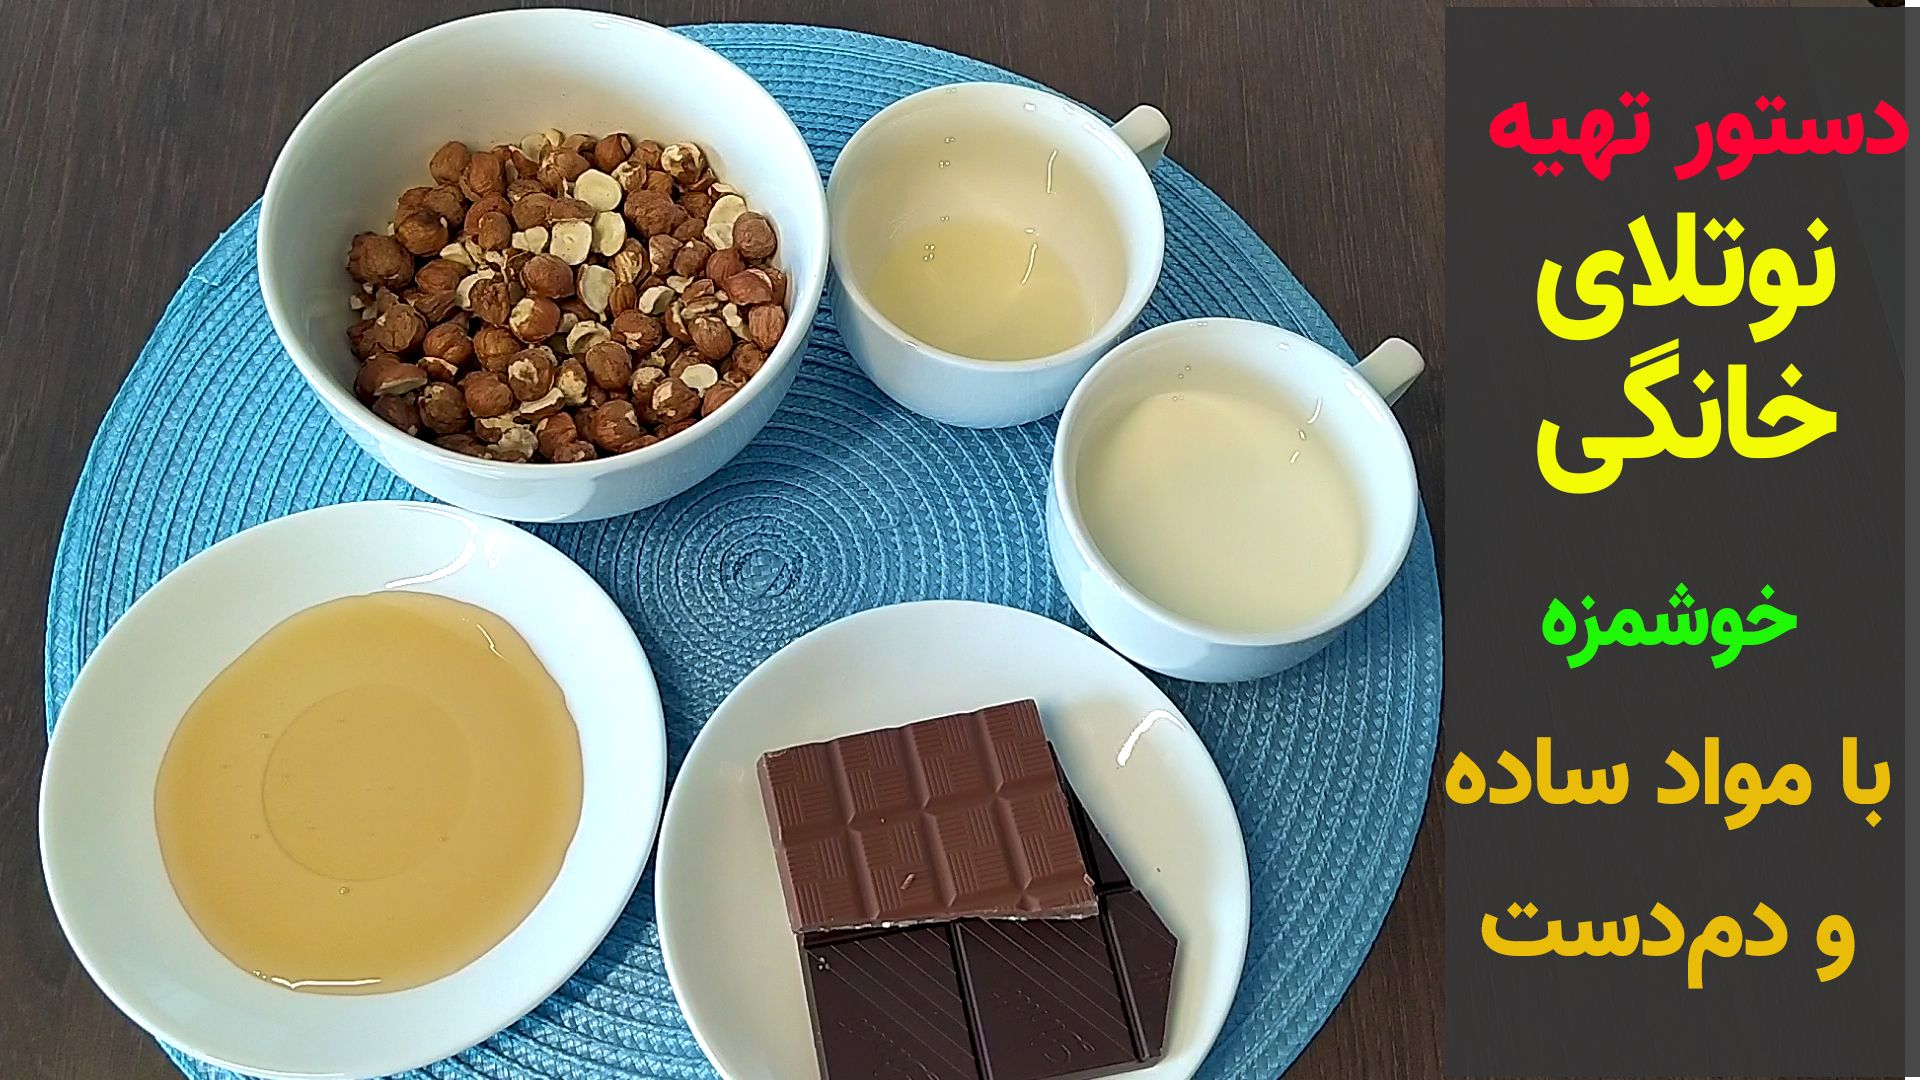 دستور تهیه نوتلای خانگی طبیعی و خوشمزه با مواد ساده و دم دست Desserts Food Breakfast